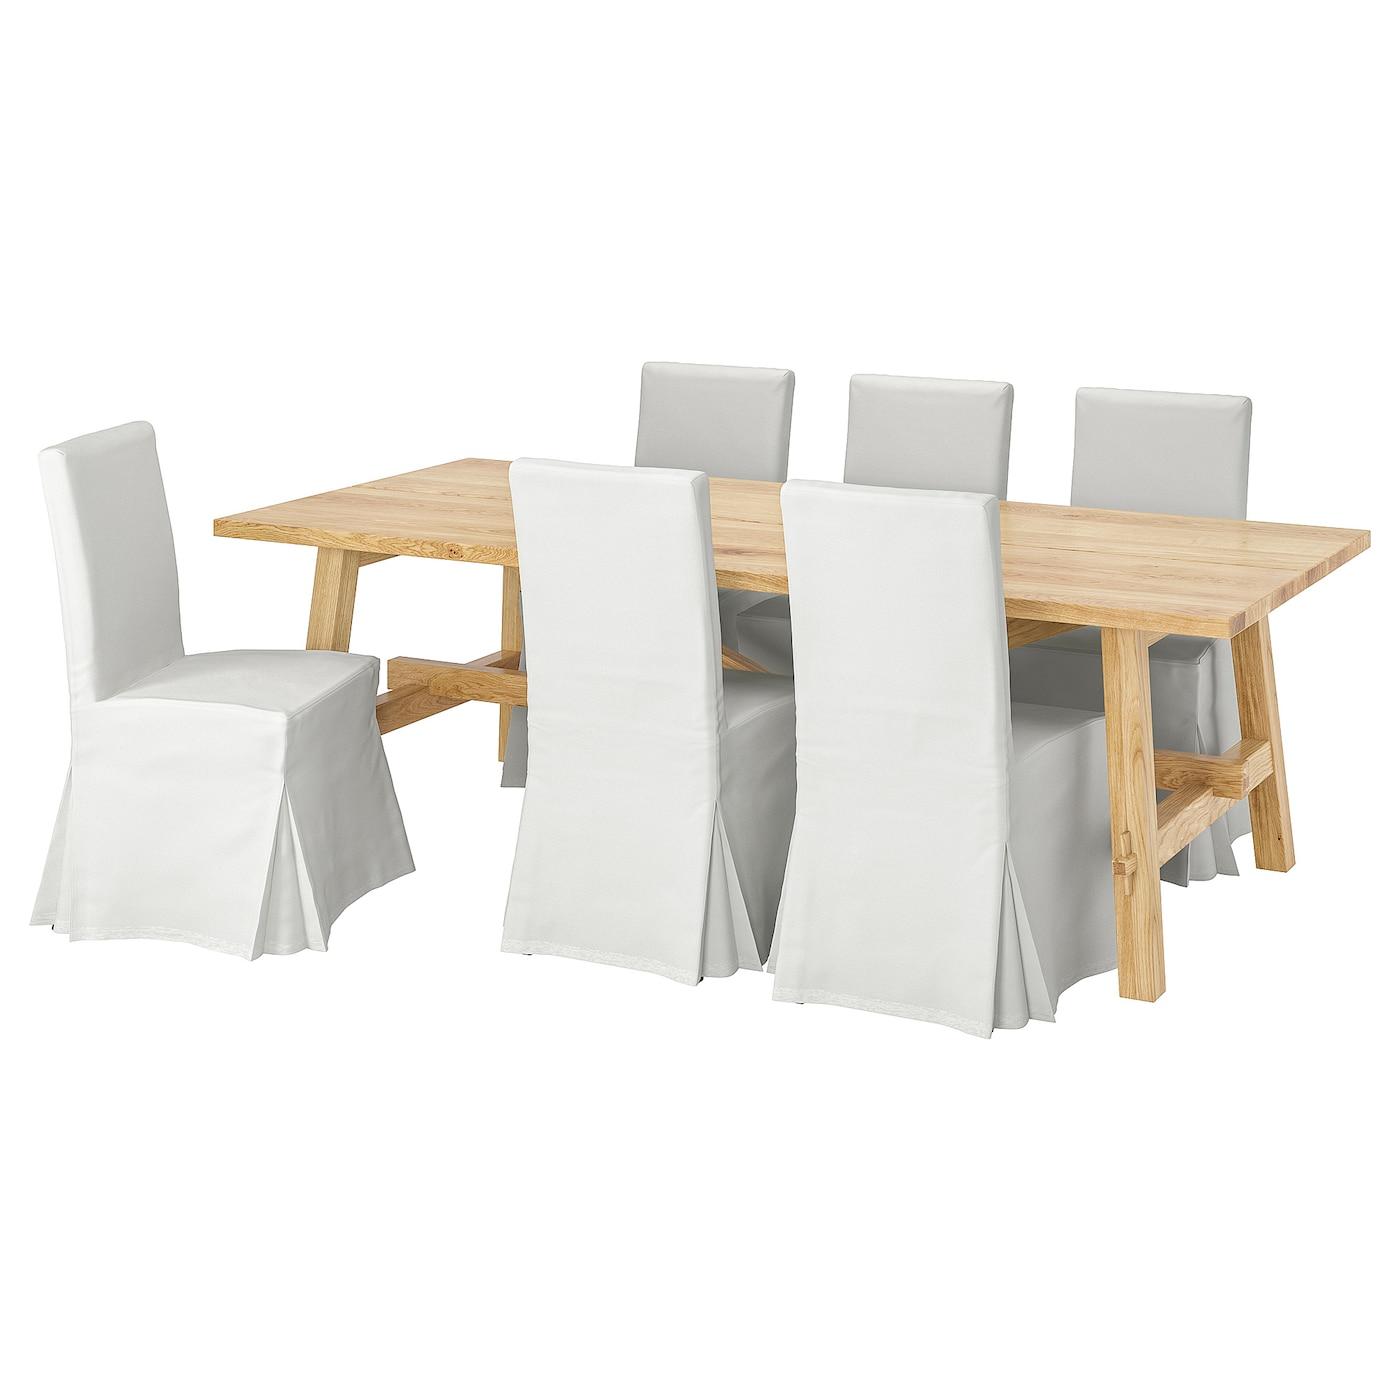 IKEA MÖCKELBY / HENRIKSDAL Stół i 6 krzeseł, dąb ciemnobrązowy, Blekinge biały, 235x100 cm